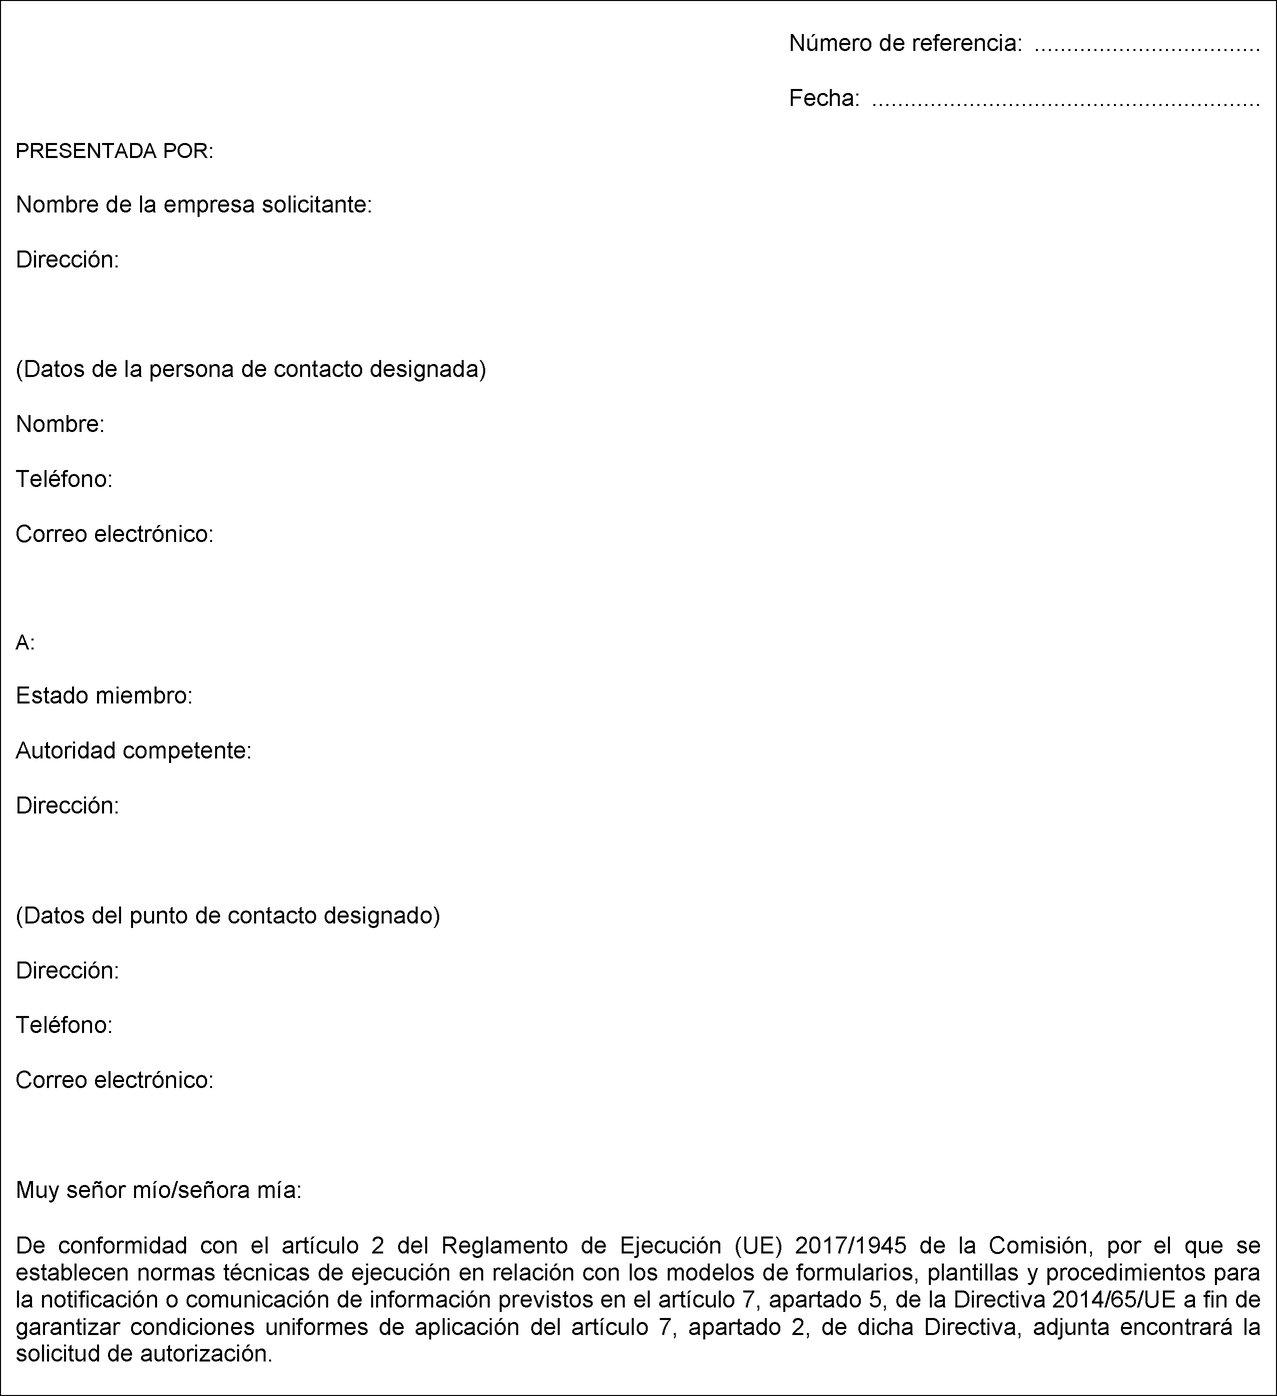 EUR-Lex - L:2017:276:FULL - EN - EUR-Lex